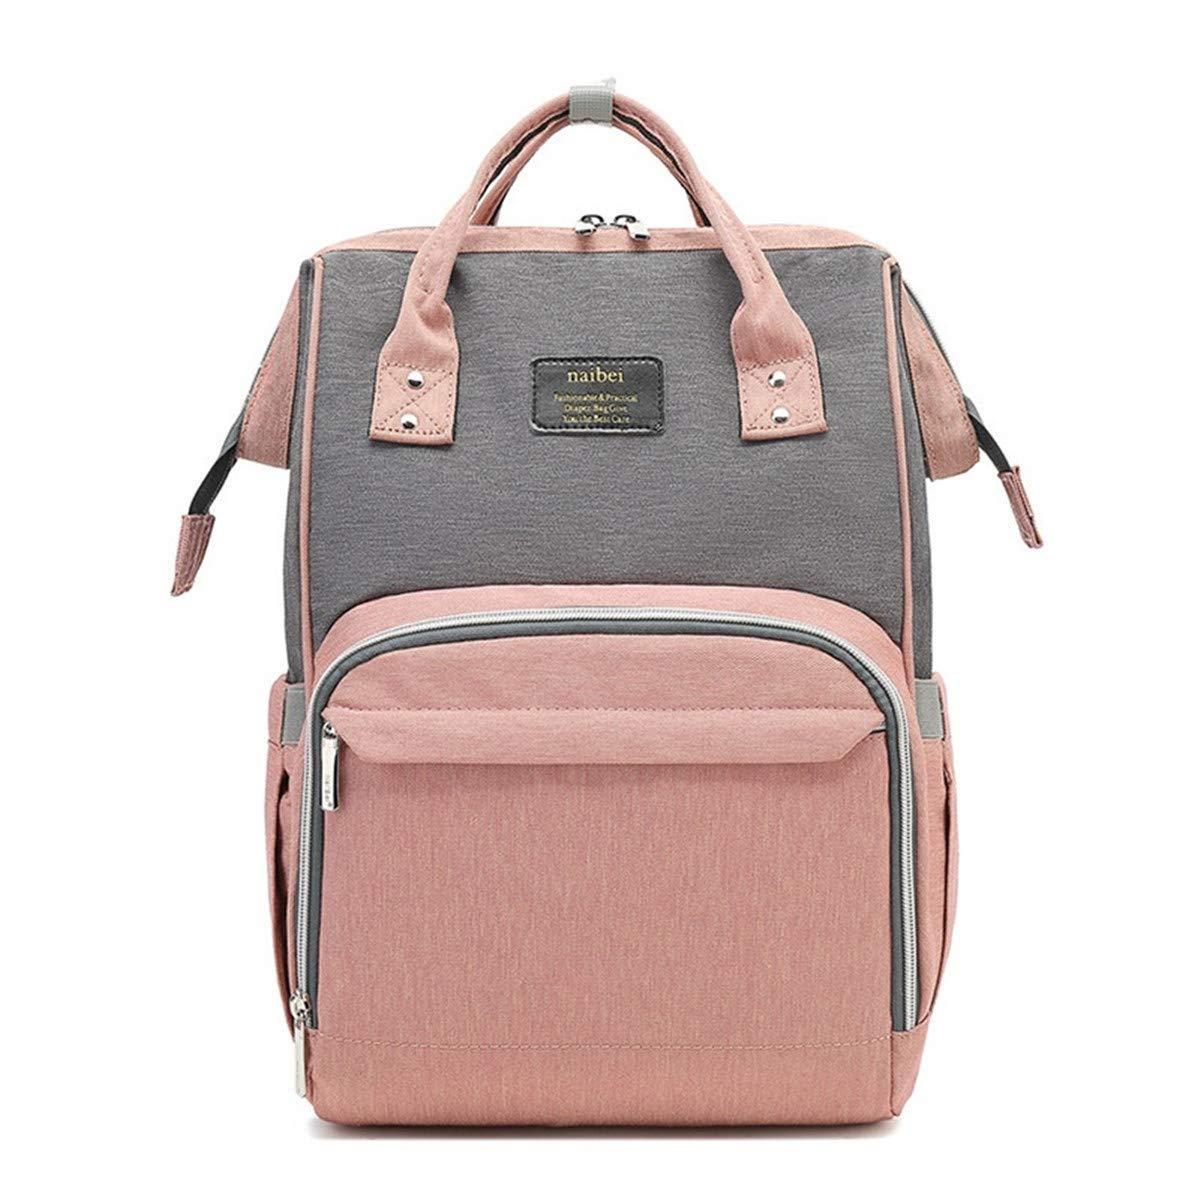 Abby Girls La bolsa de pa/ñales multifuncional Mochila de viaje impermeable Bolsas de pa/ñales para el cuidado del beb/é de gran capacidad elegante y duradera